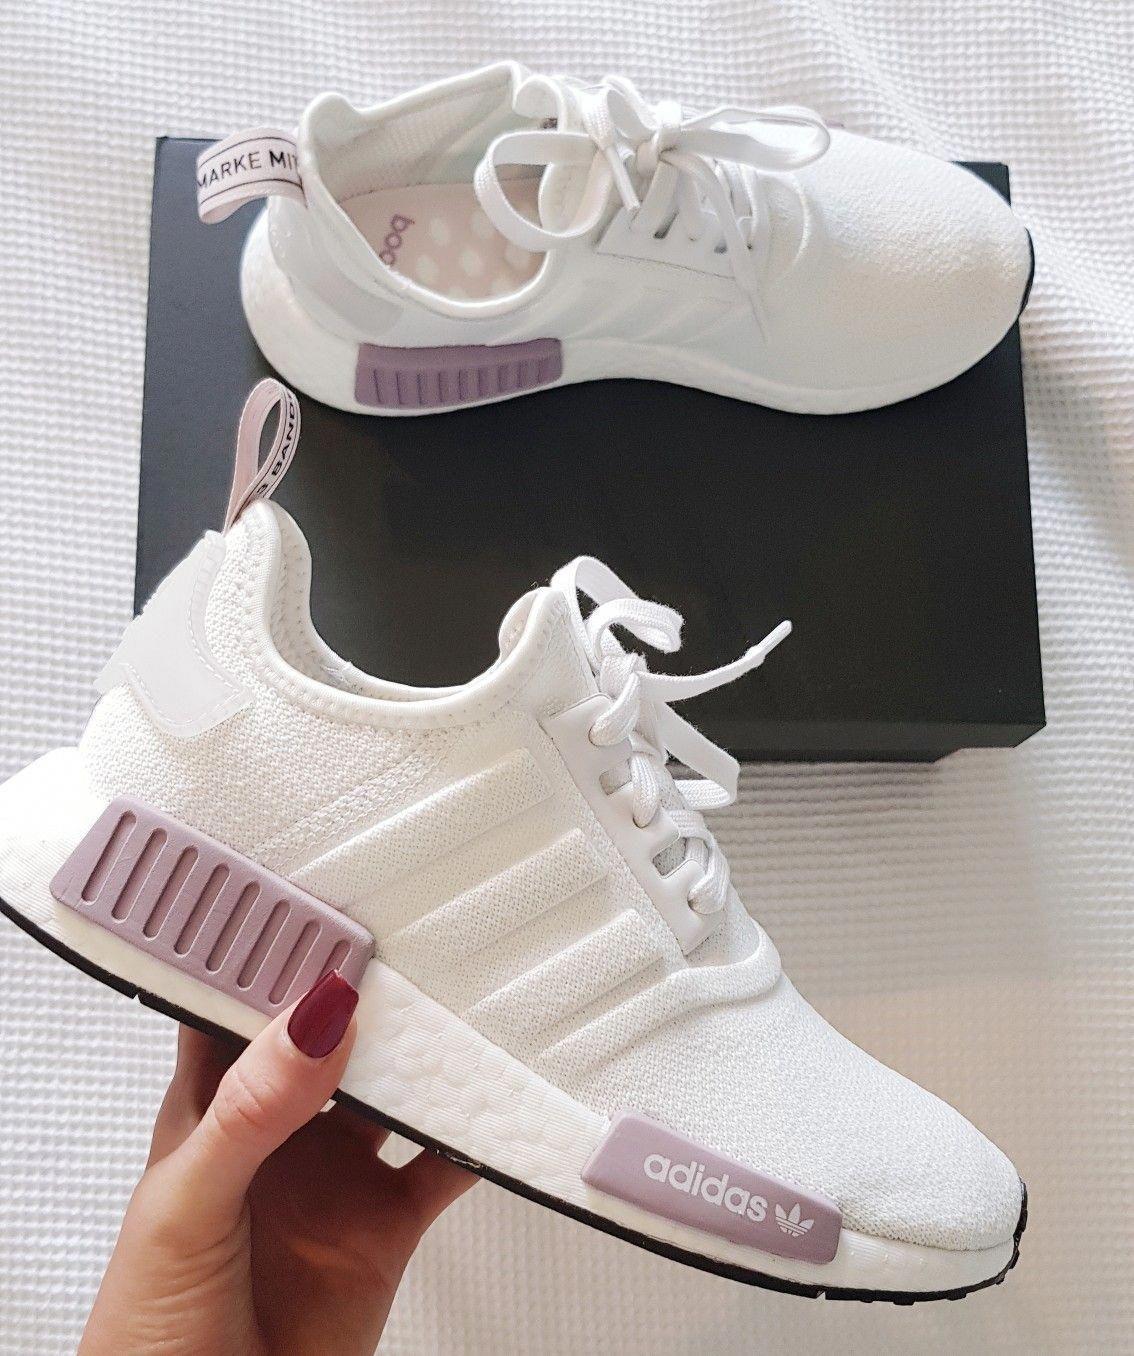 adidas turnschuhe weiss rosa